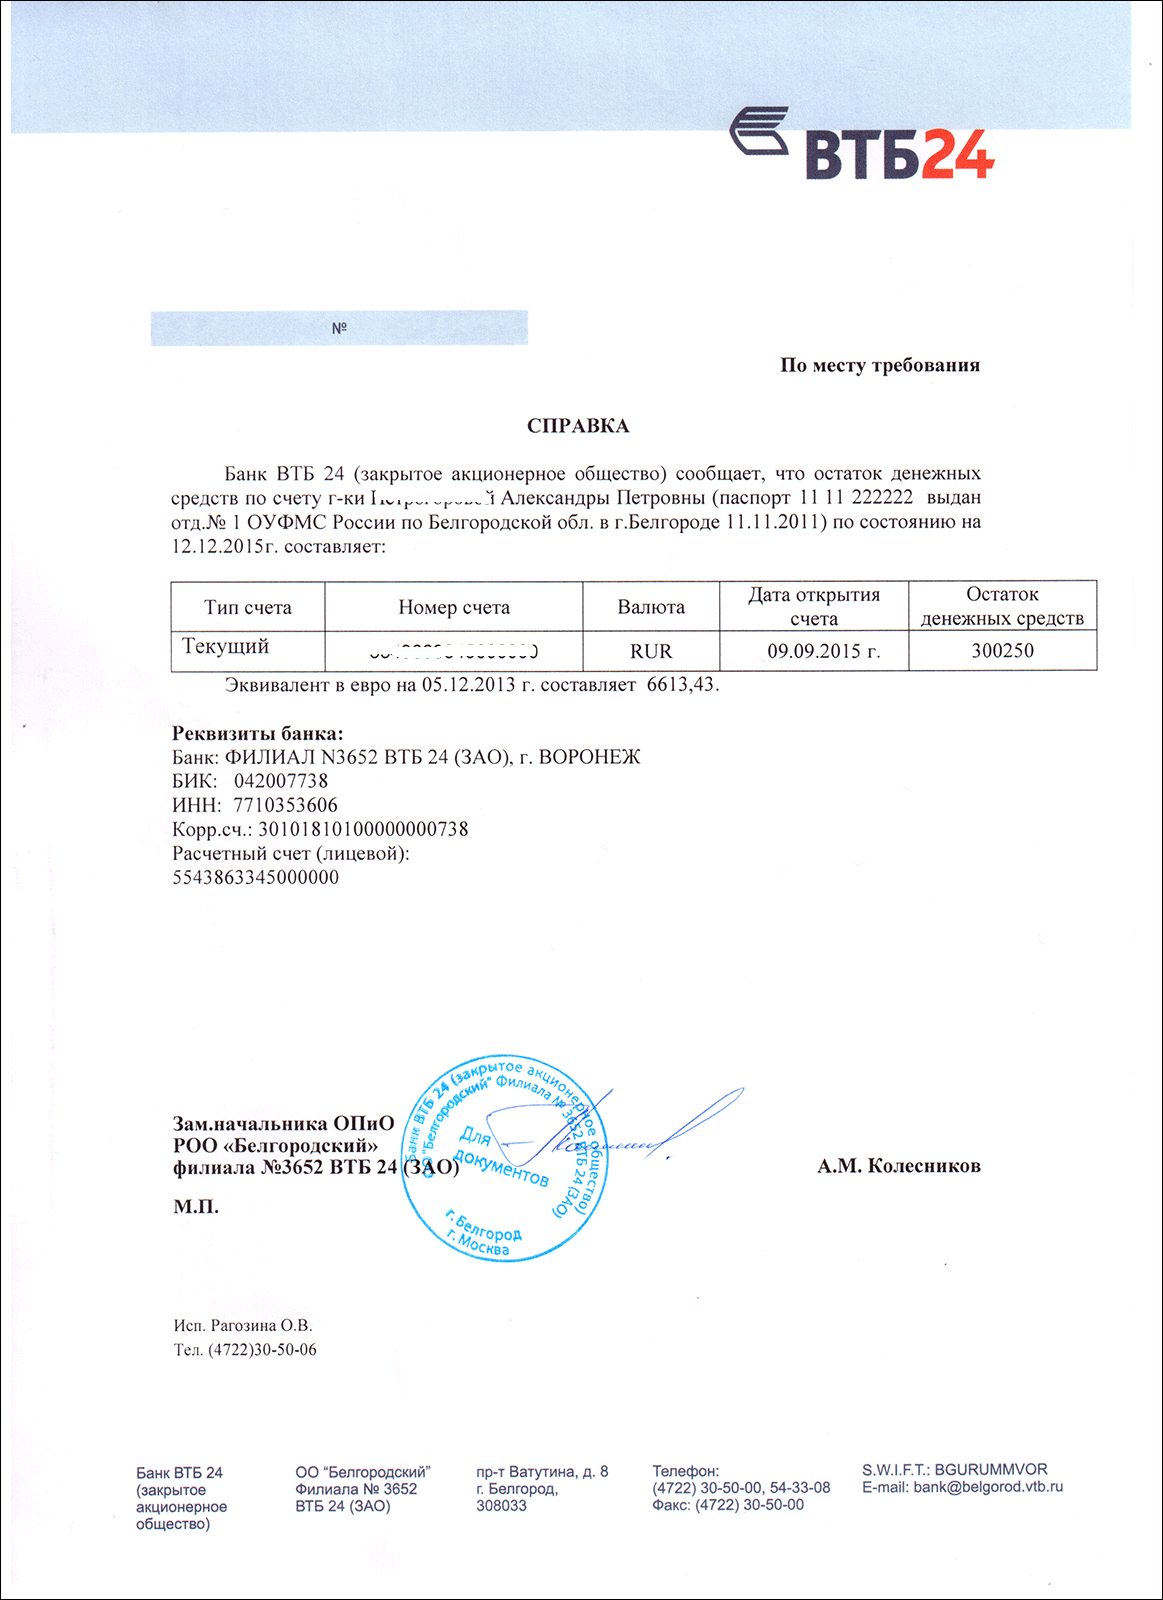 Образец справки с банка для шенгенской визы документы для кредита Можайский Вал улица